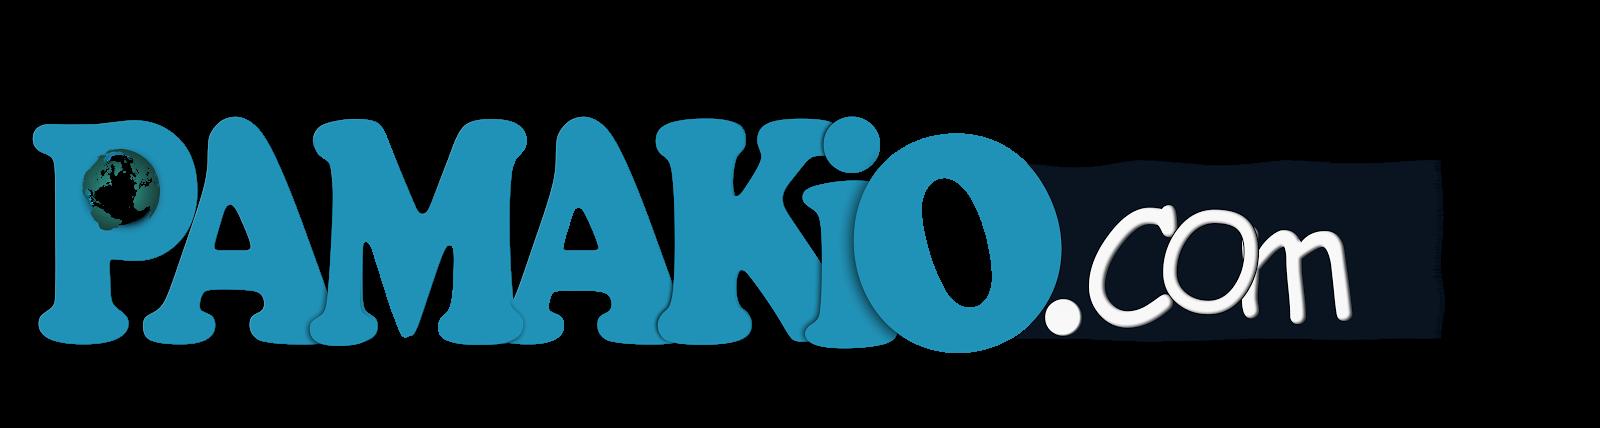 PAMAKIO.com